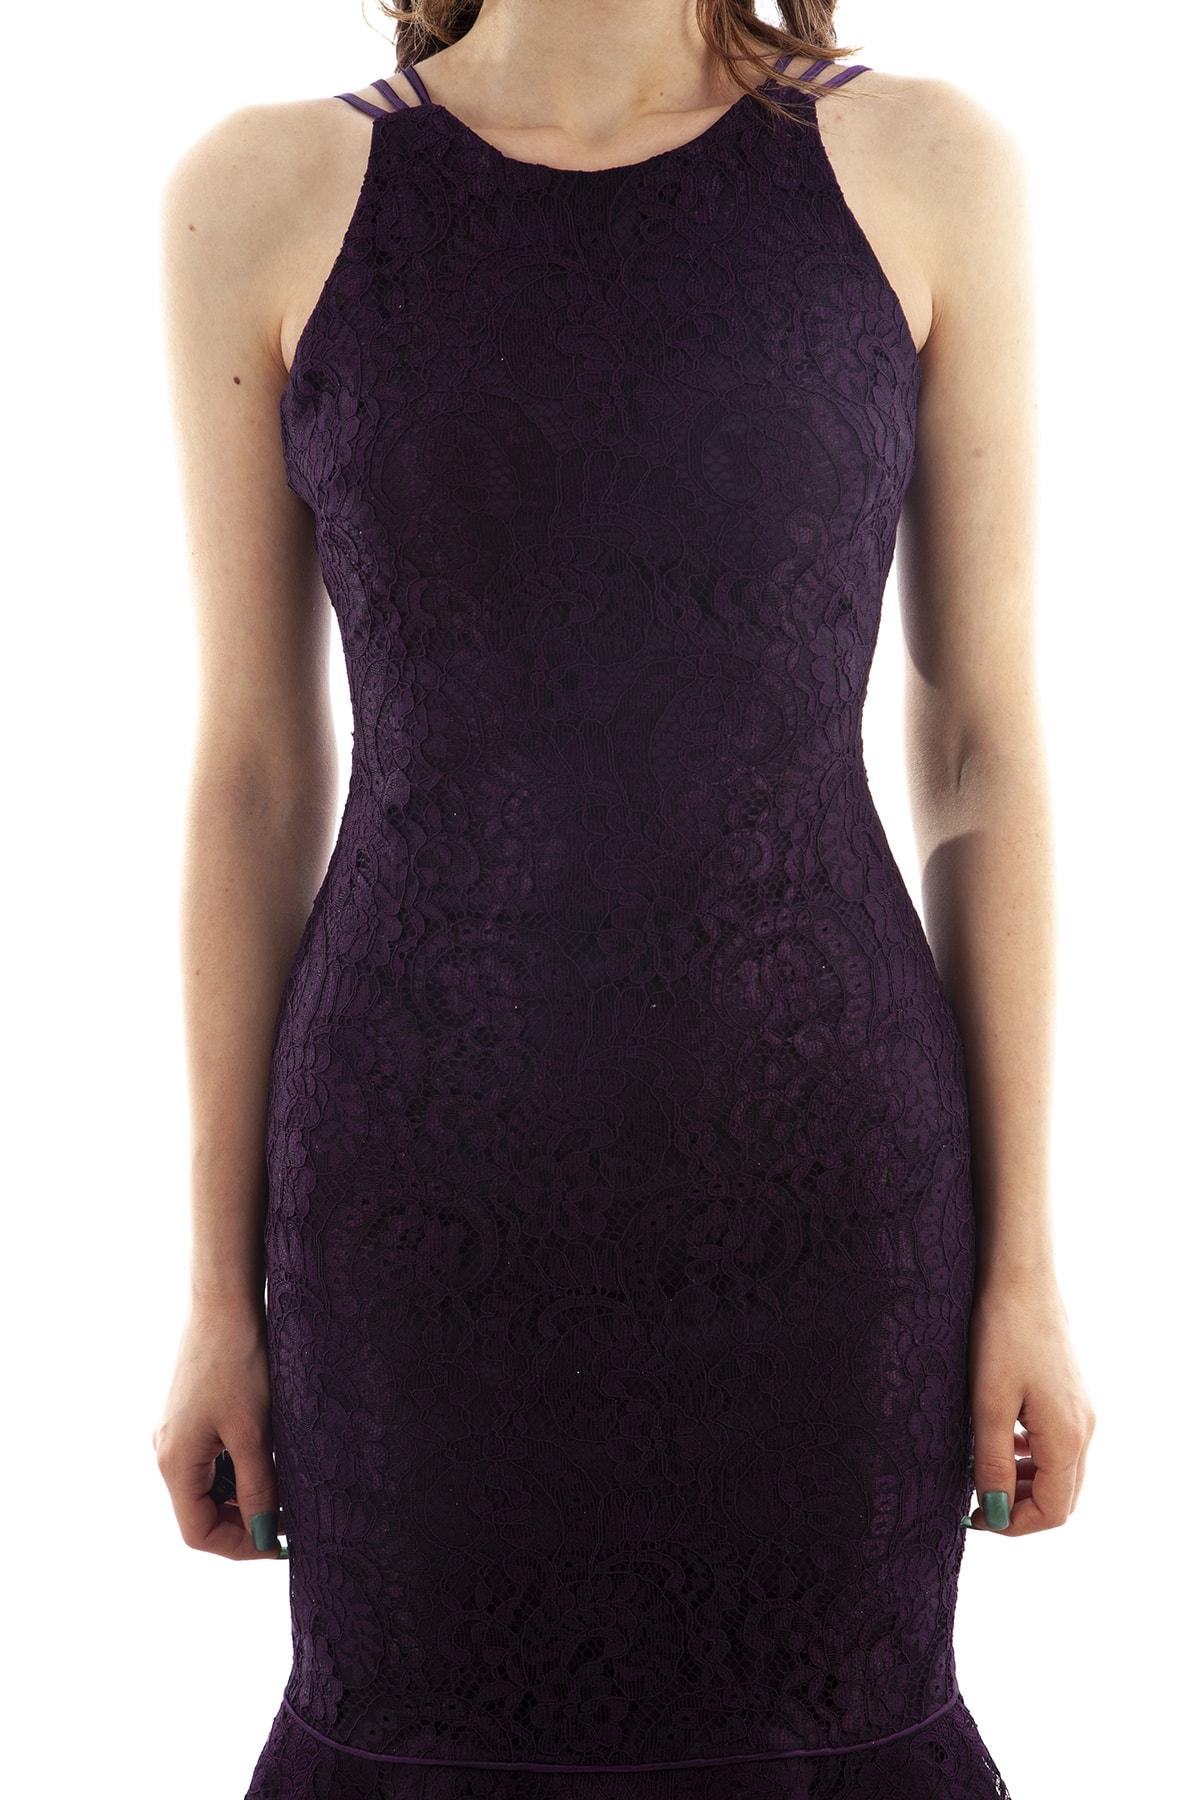 Ardanewline Kadın Mor Elbise 130136-10 2